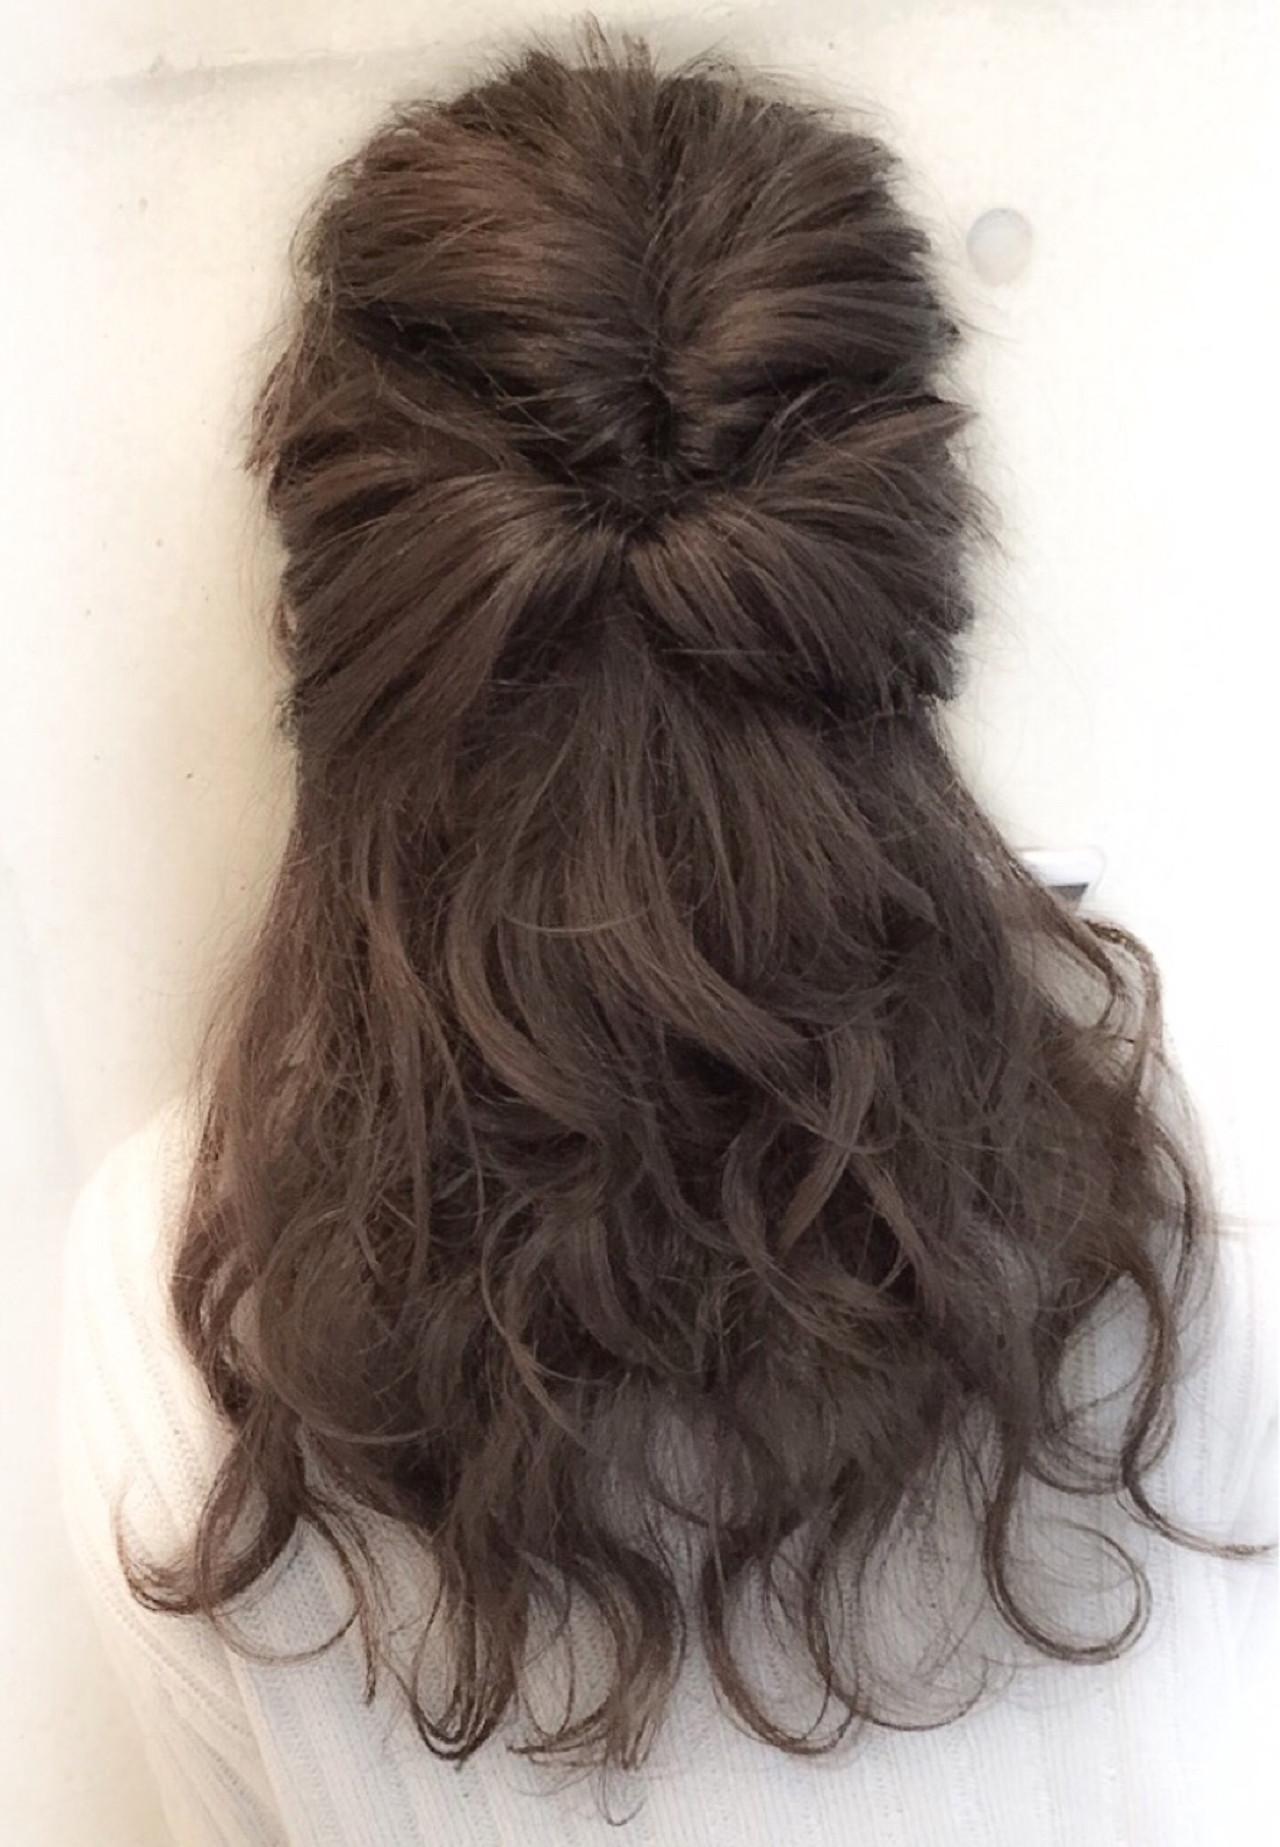 セミロング ゆるふわ 簡単ヘアアレンジ ショート ヘアスタイルや髪型の写真・画像 | スガ シュンスケ / Tierra (ティエラ)